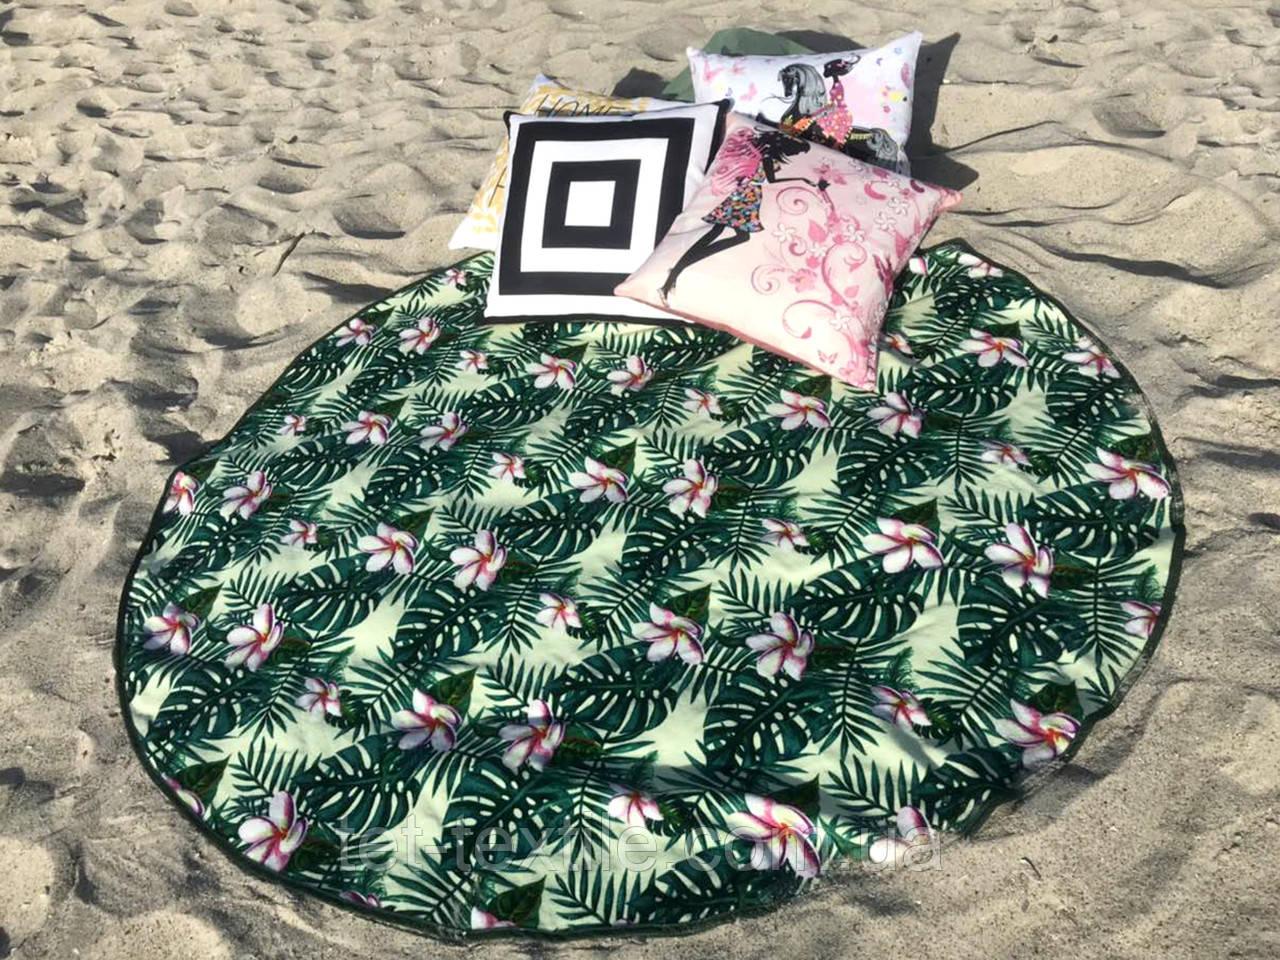 Круглое пляжное полотенце Цветочки, Турция (150 см.)